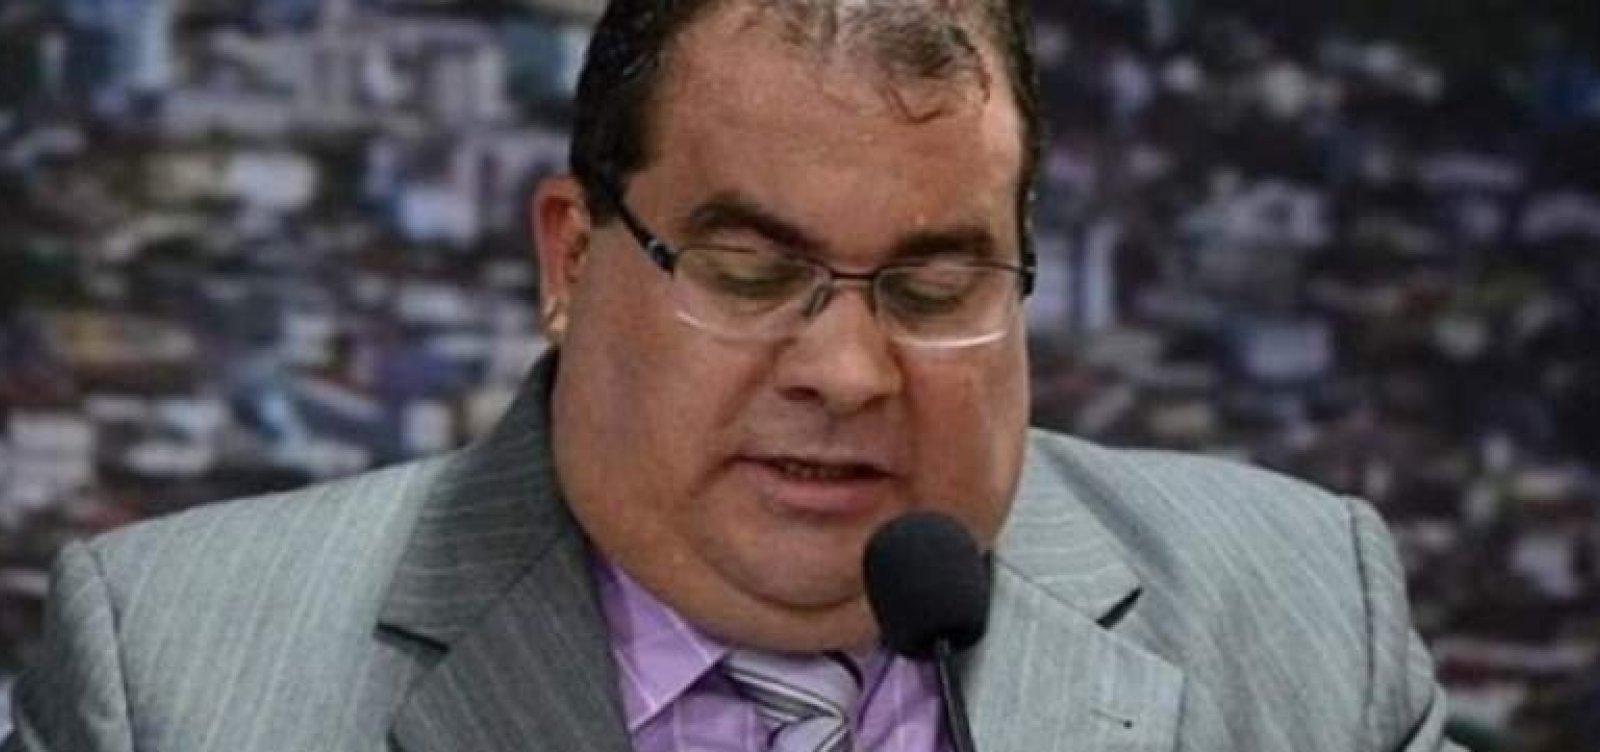 Justiça Federal determina retorno do prefeito de Jequié afastado em operação da PF